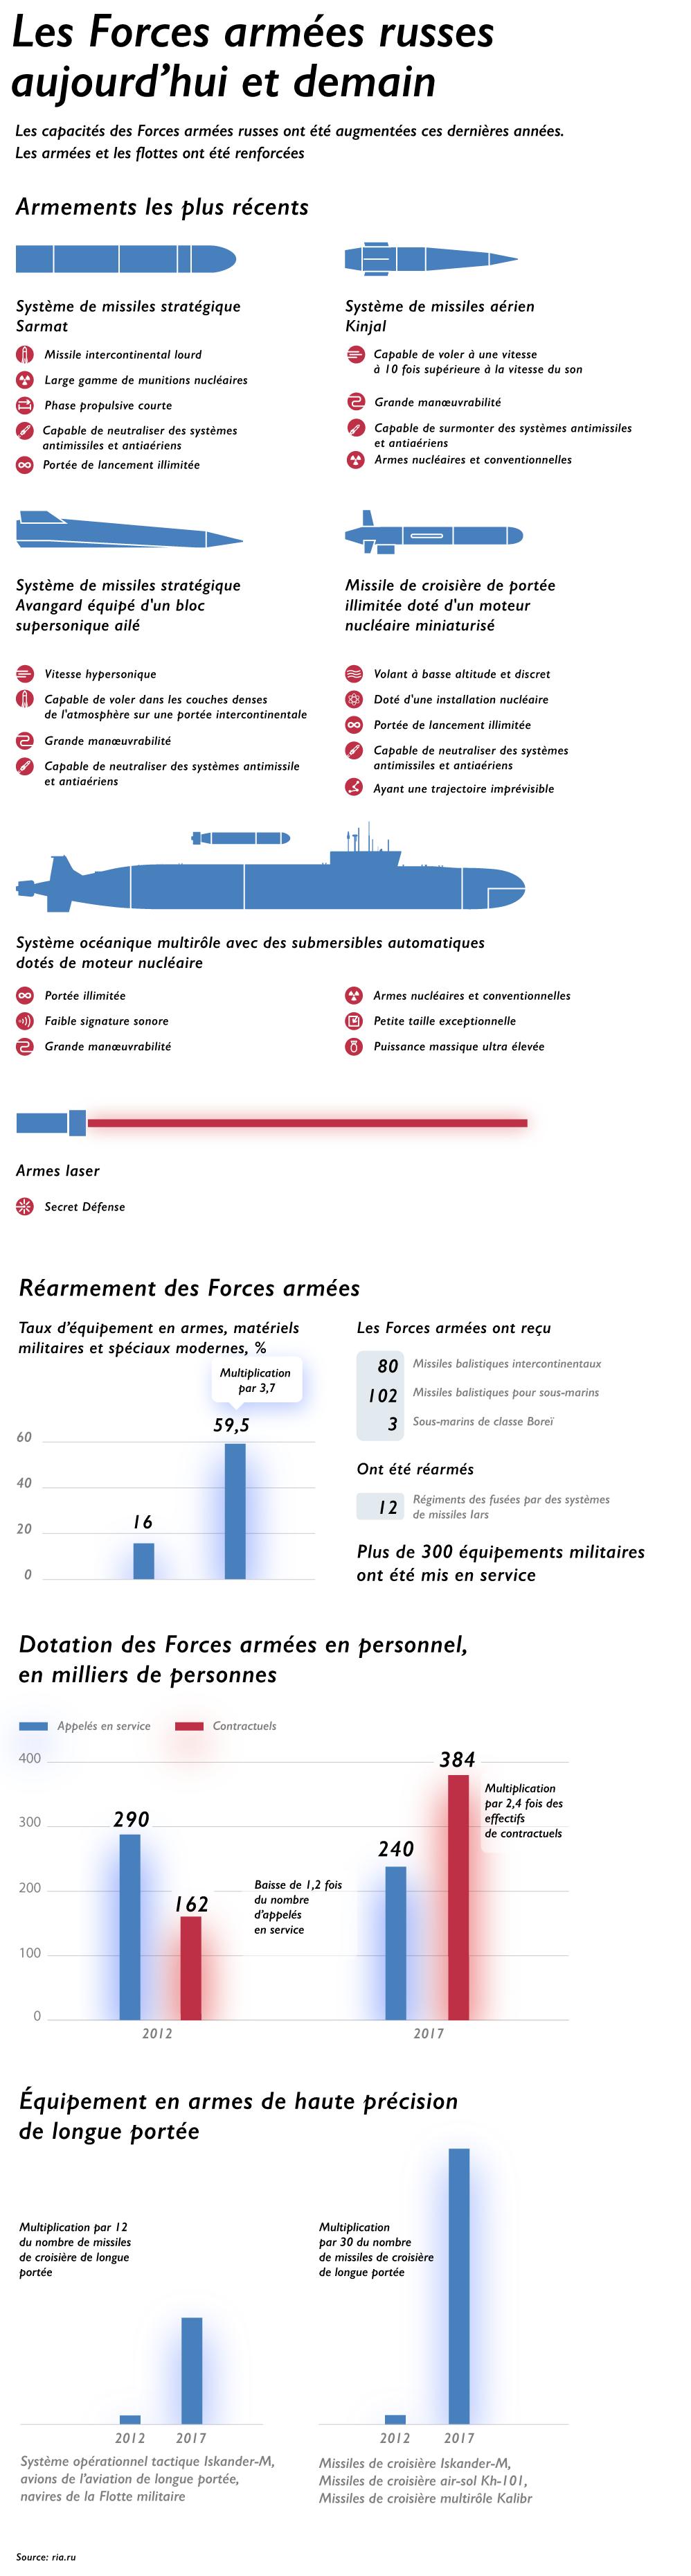 Les Forces armées russes aujourd'hui et demain